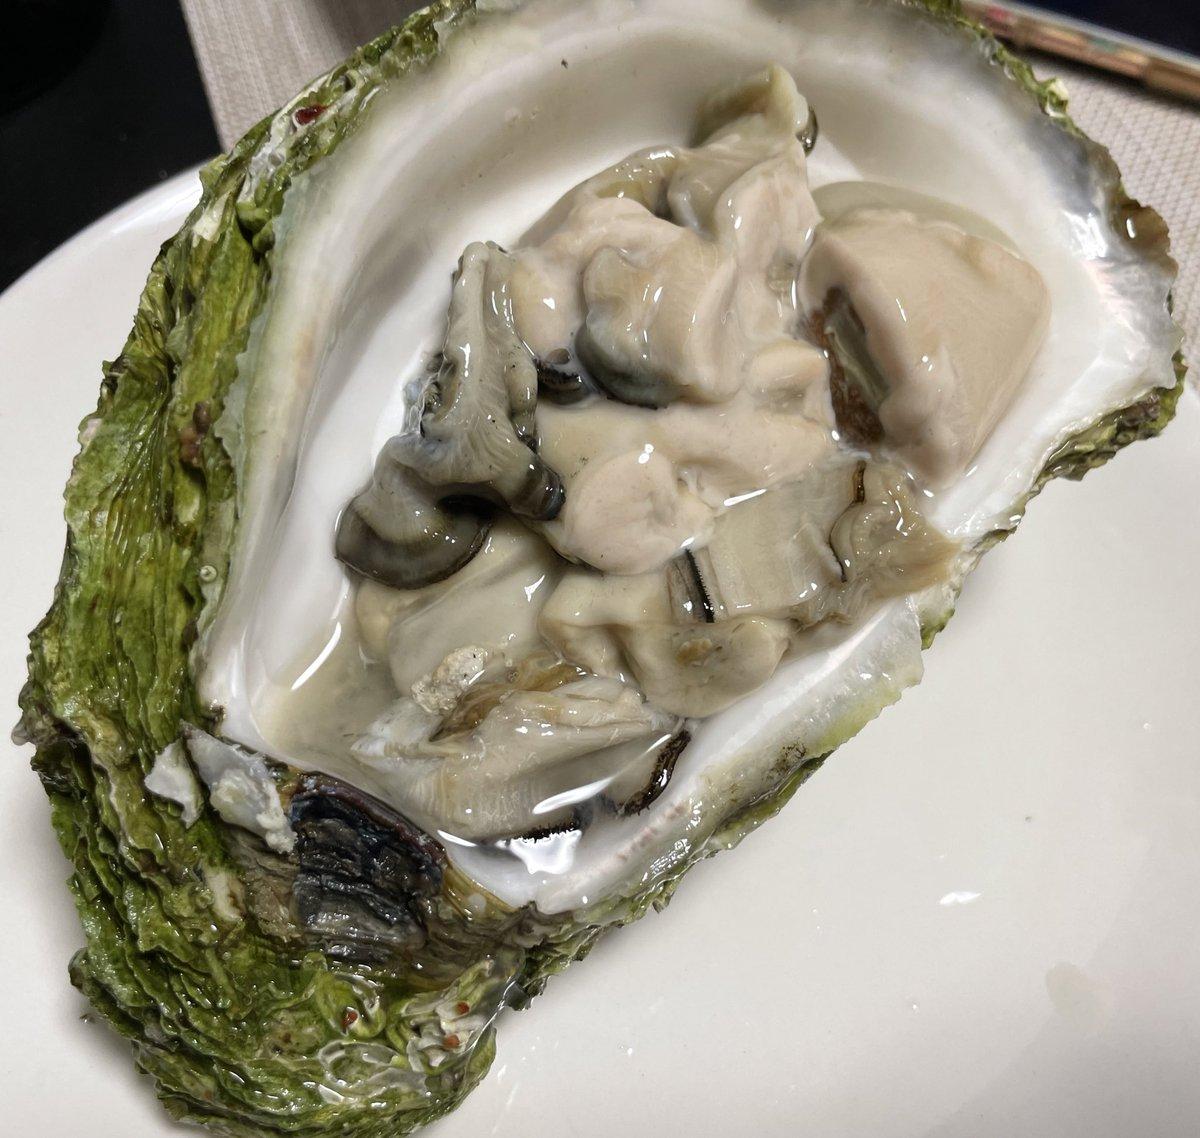 test ツイッターメディア - 岩牡蠣と日本酒 クリーミーで美味しかった! バター焼きもプリプリでまた旨い😋  NO6 x type 飛露喜 純米大吟醸 https://t.co/uFe6pGmc96